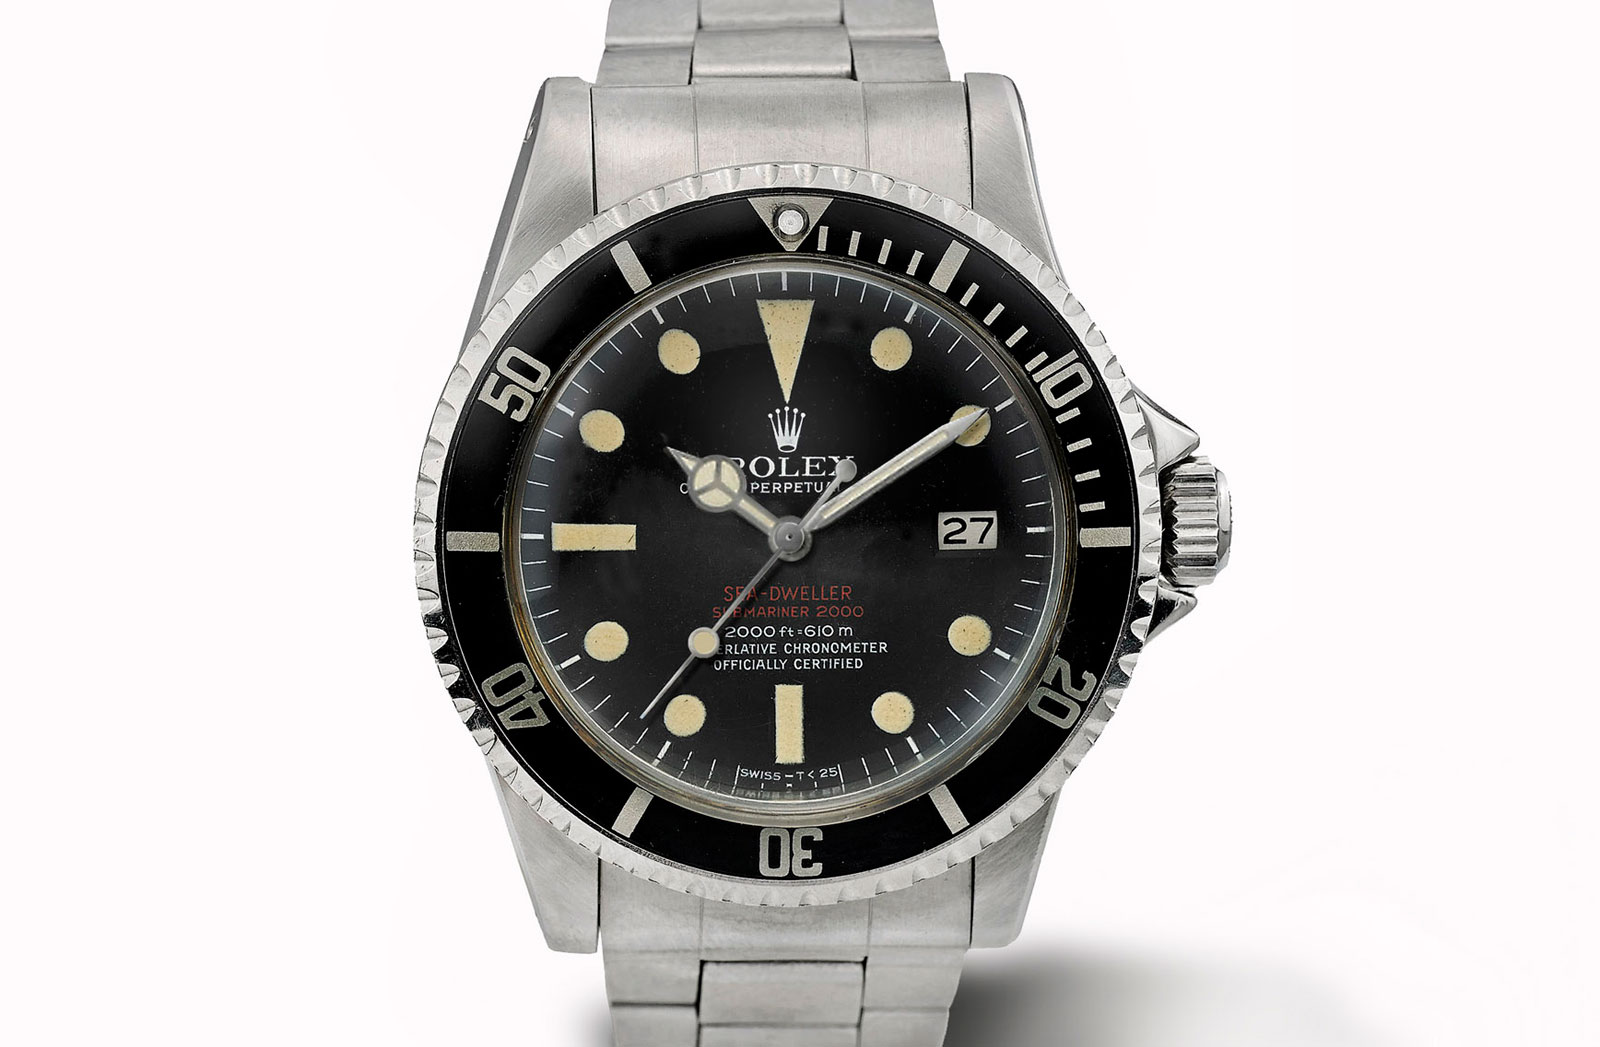 Rolex Sea-Dweller 1665 Mark IV